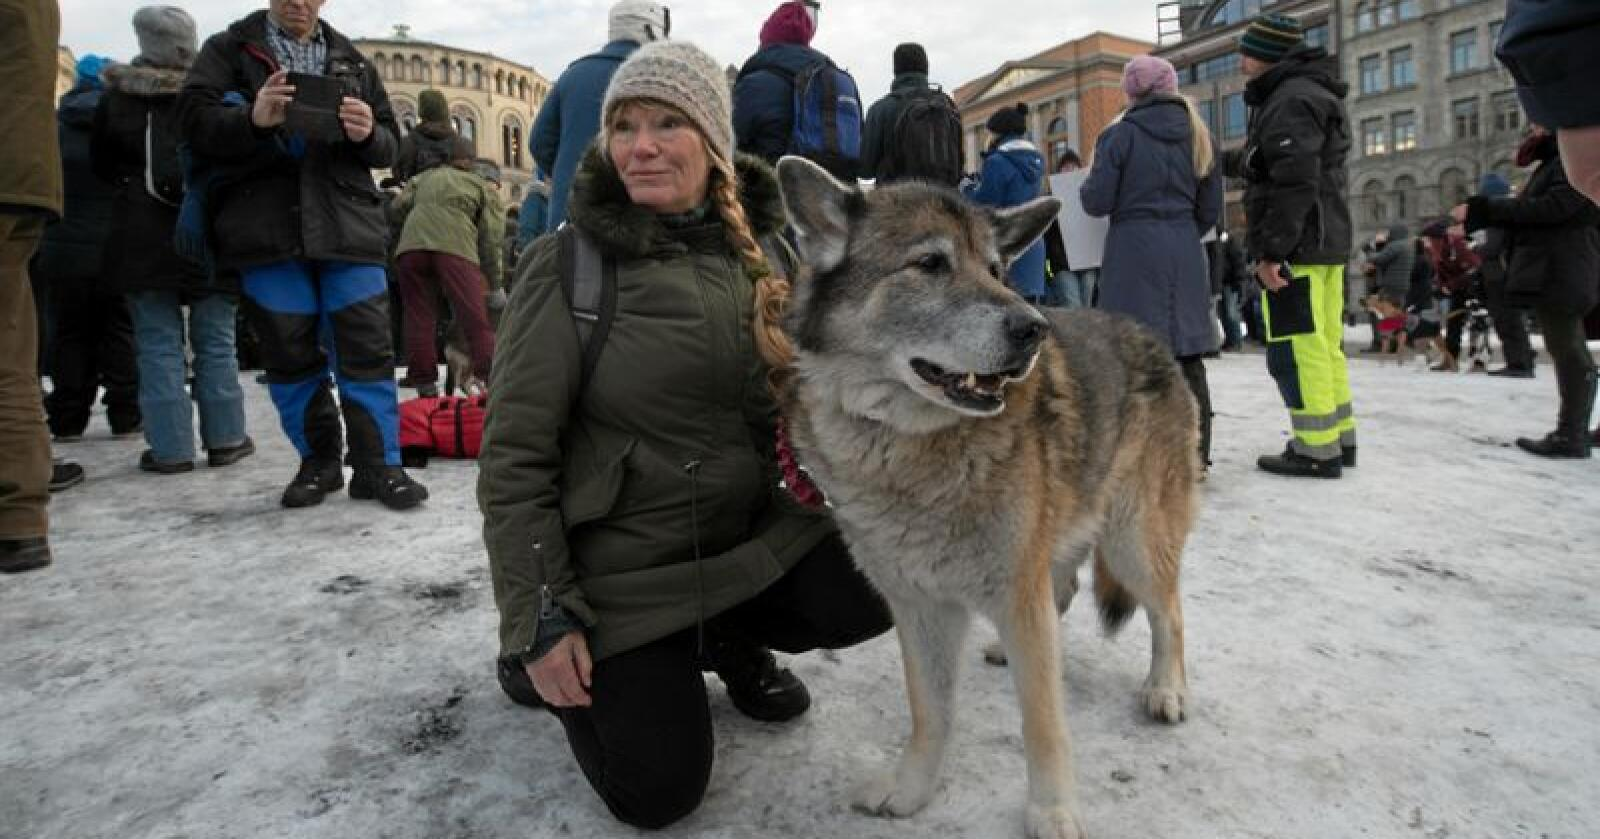 Heidi Dammann og hunden Yukon (som lignet mest på en levende ulv utenfor Stortinget) var med på demonstrasjonen. Alle foto: Vidar Sandnes